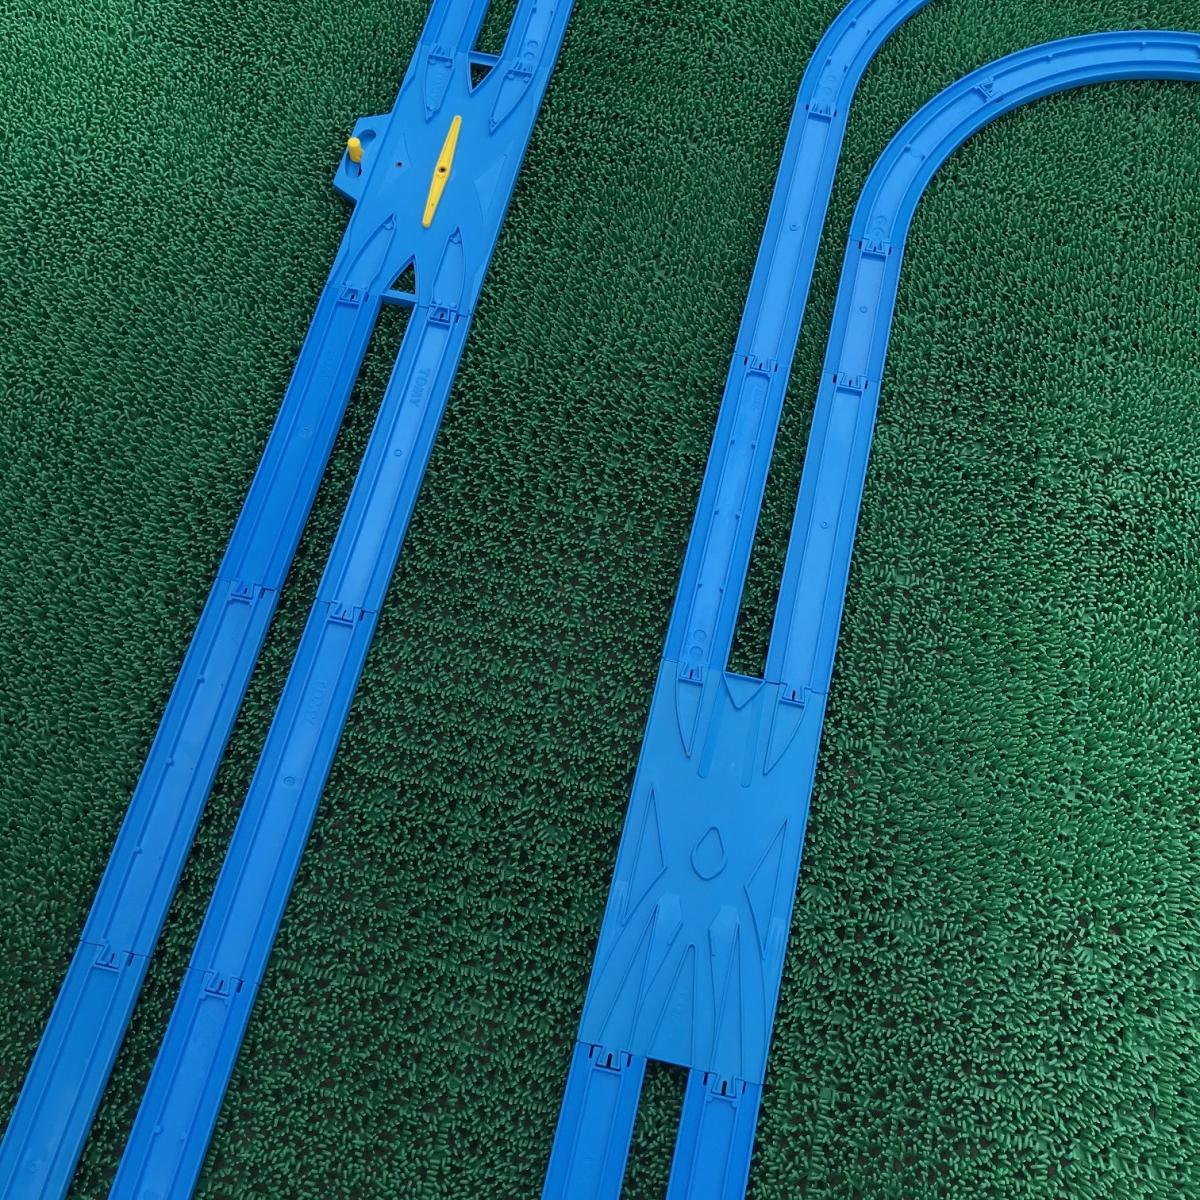 プラレール② 直線 曲線 複線曲線レール 複線わたりポイントレール ターンアウトレール 単線複線 レア タカラトミー 大量_画像4